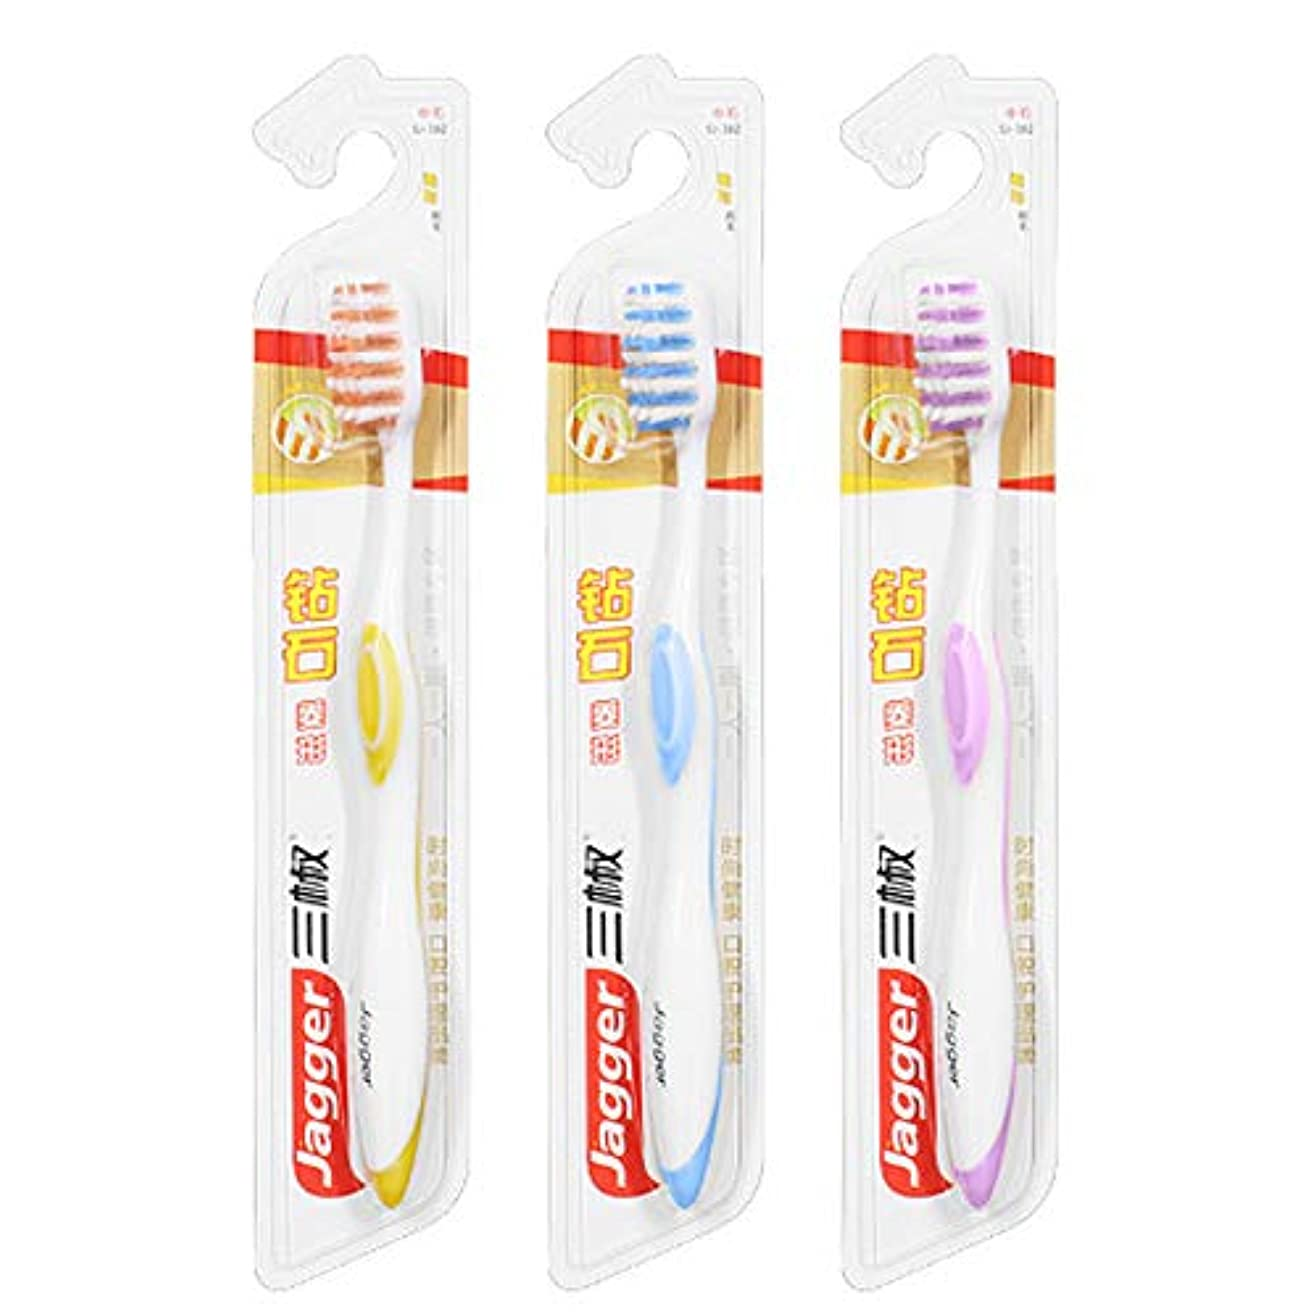 私副産物商業の家庭用自給式掃除用歯ブラシ、2色デンタルケア製品、手動歯ブラシ